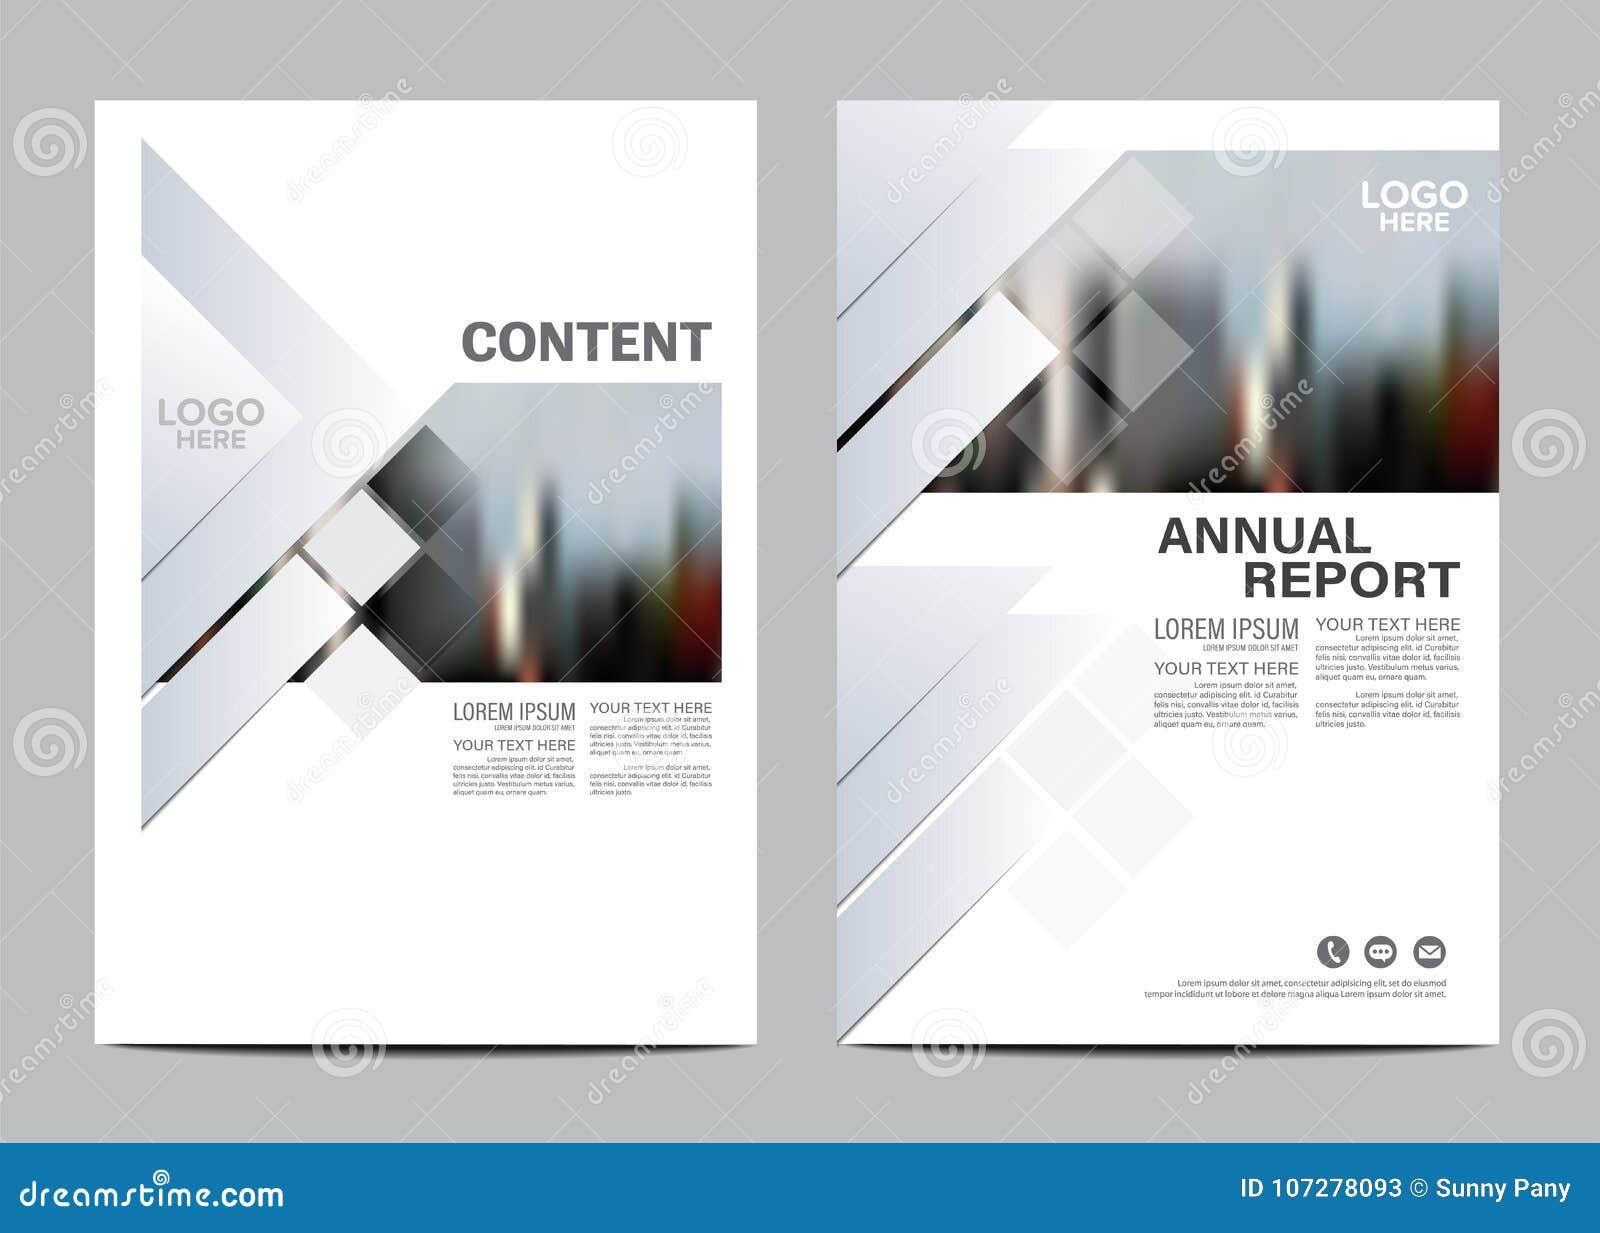 Svartvit mall för broschyrorienteringsdesign Bakgrund för presentation för räkning för årsrapportreklambladbroschyr modern